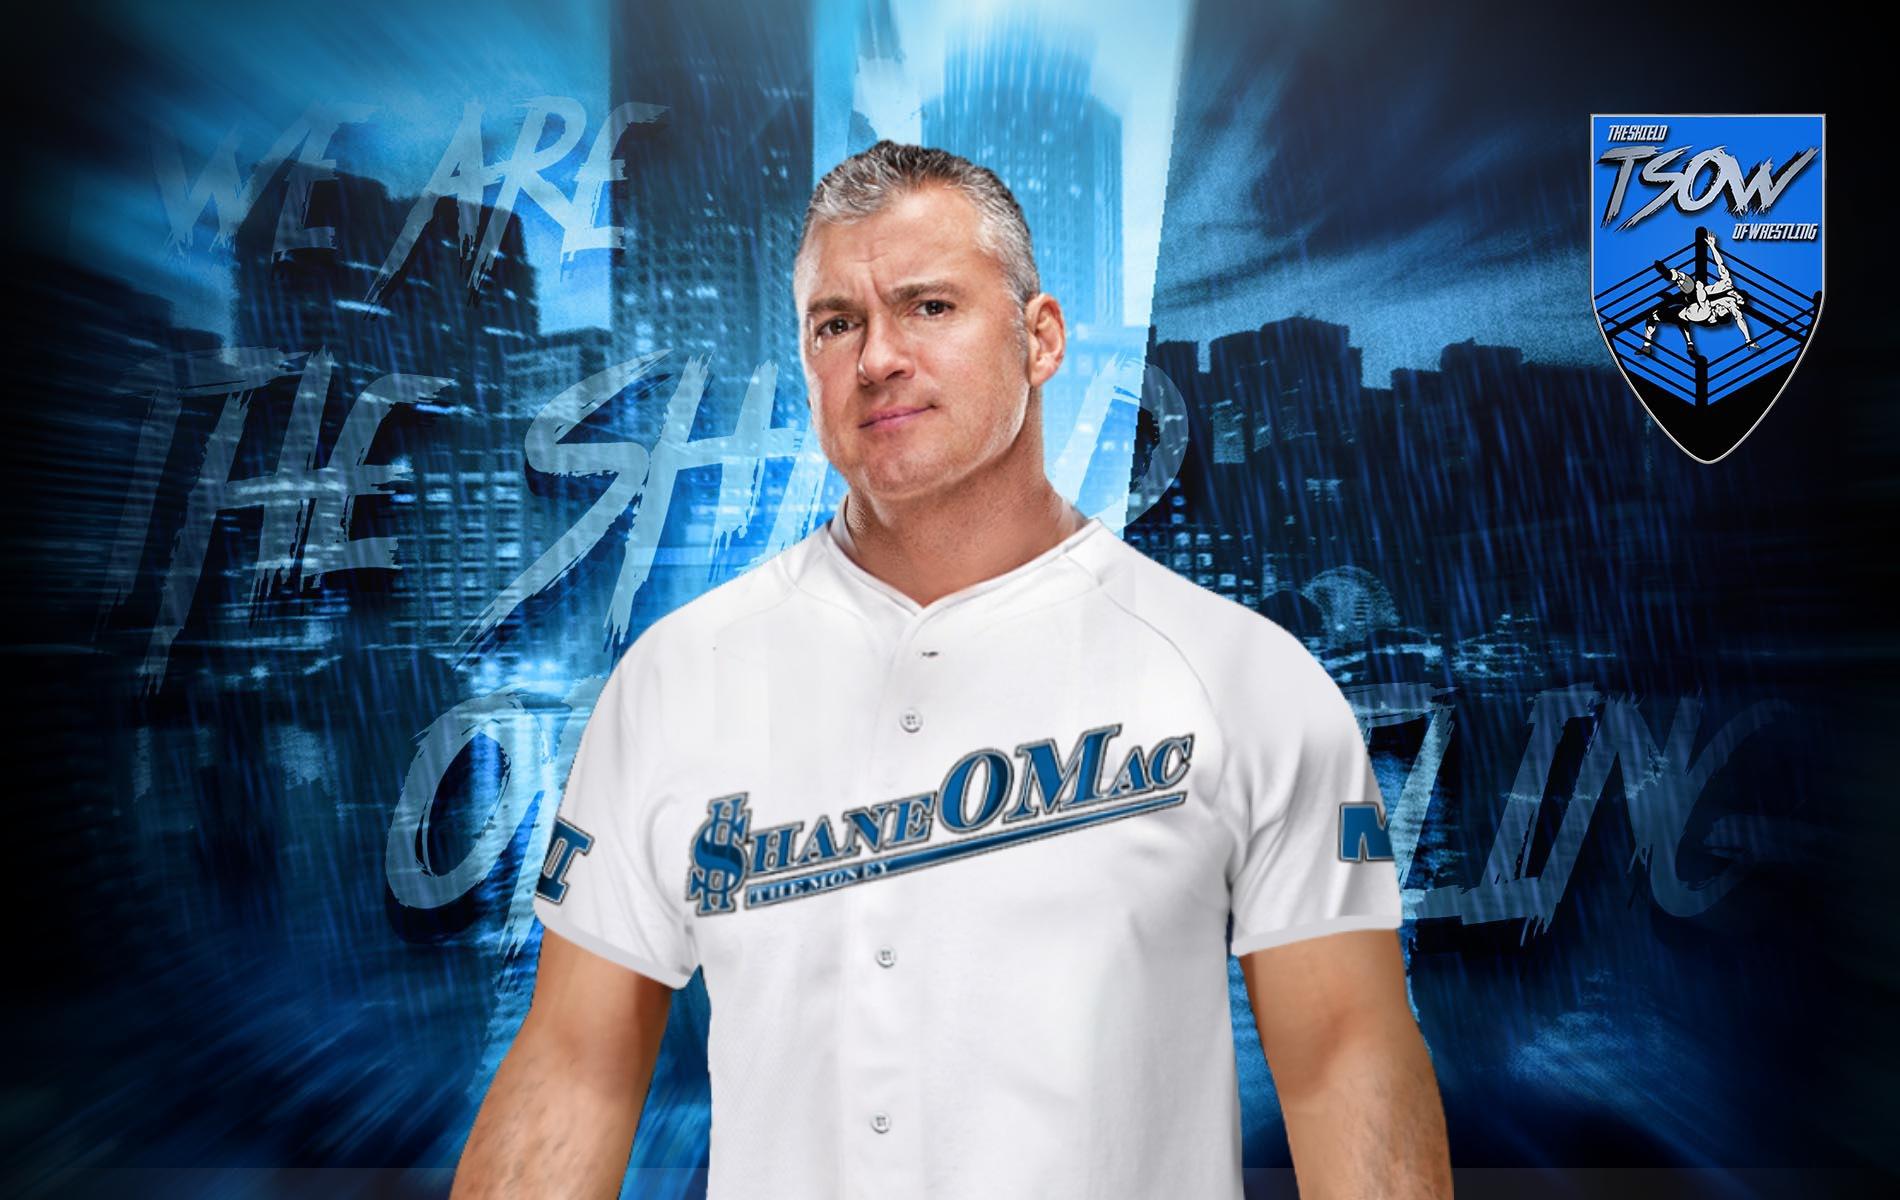 Shane McMahon potrebbe avere un match a WrestleMania 37